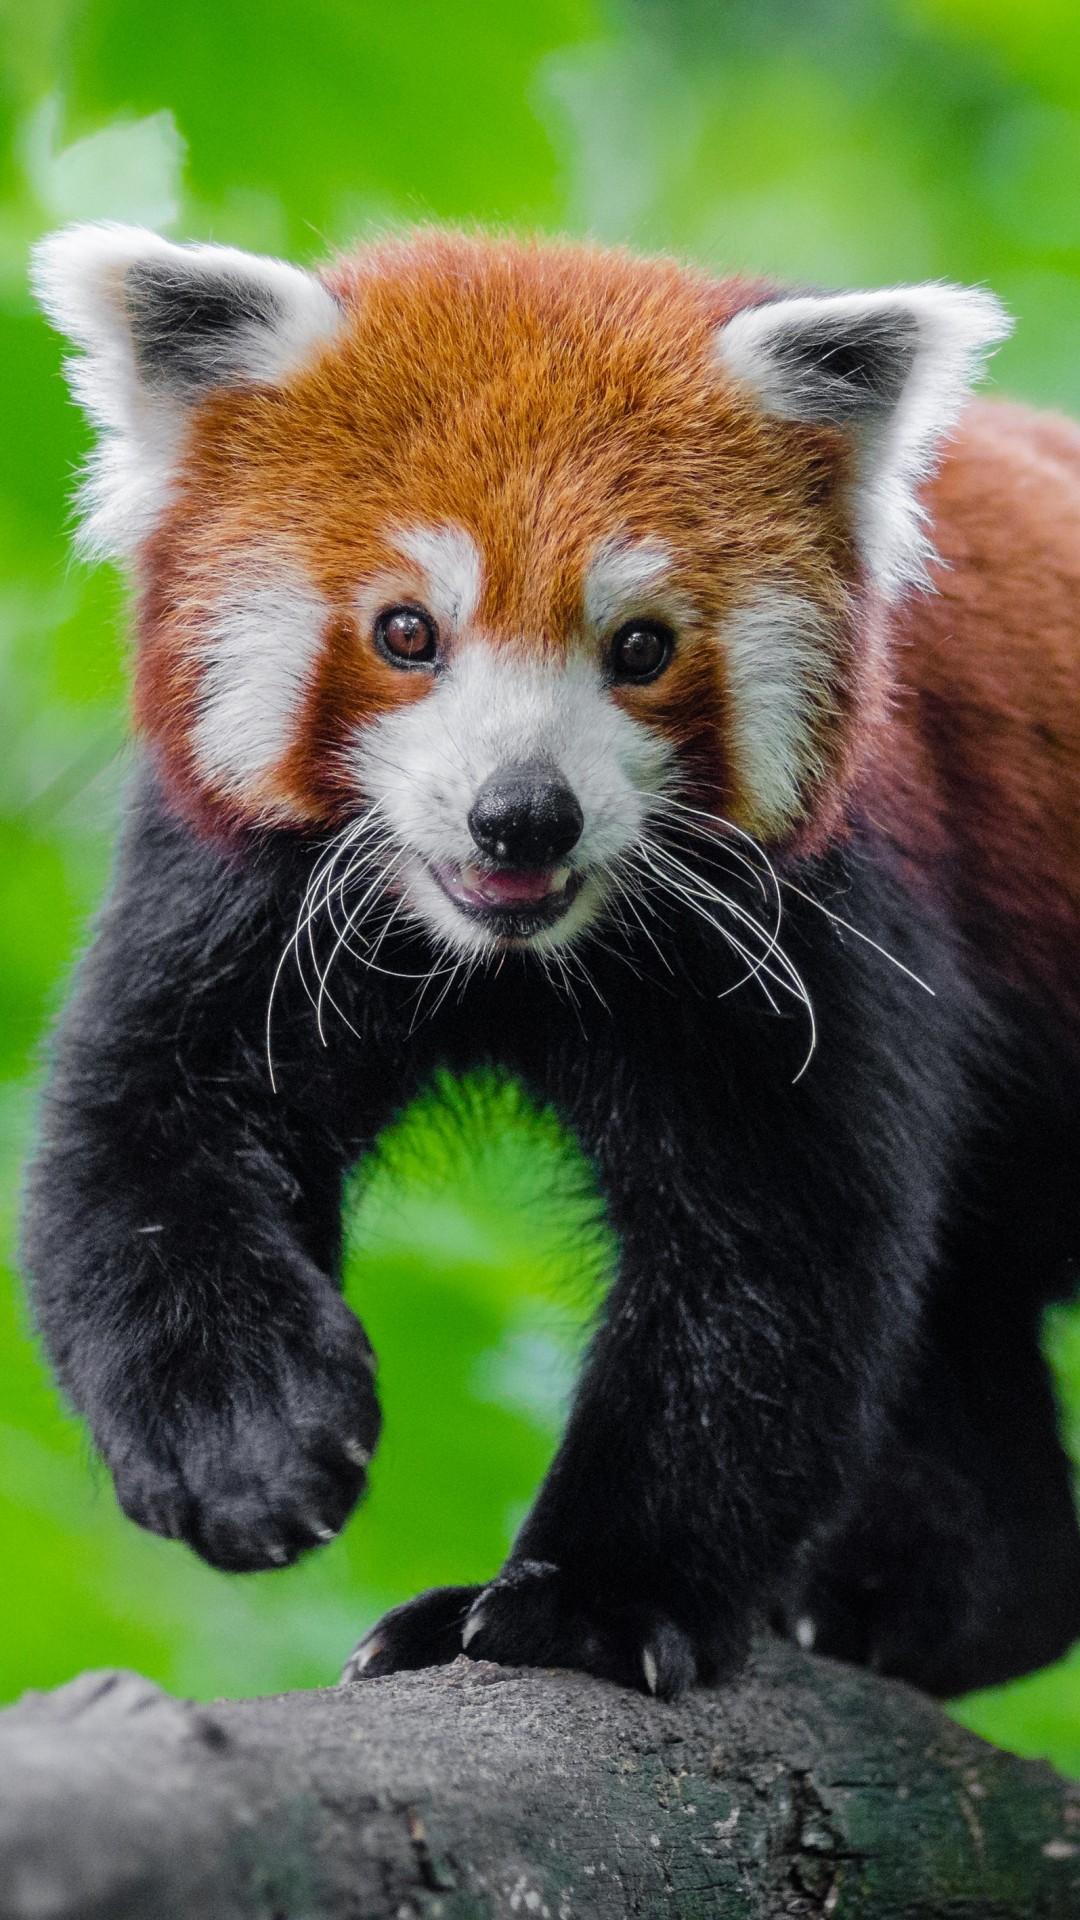 Res: 1080x1920, Red Panda, Cute, Rock